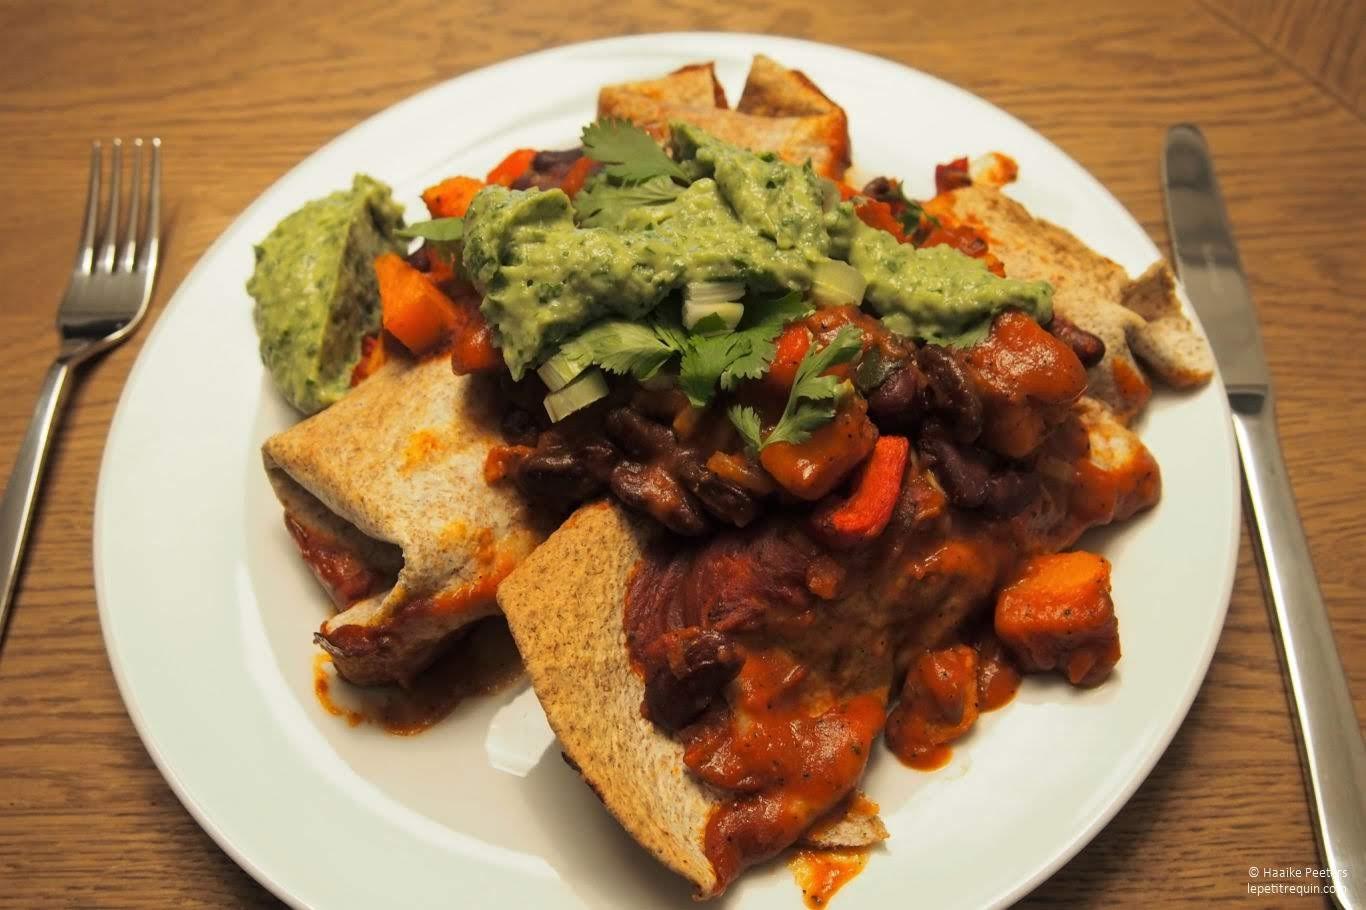 Enchilada's met zoete aardappel, bonen en een avocado-koriandersaus (Le petit requin)